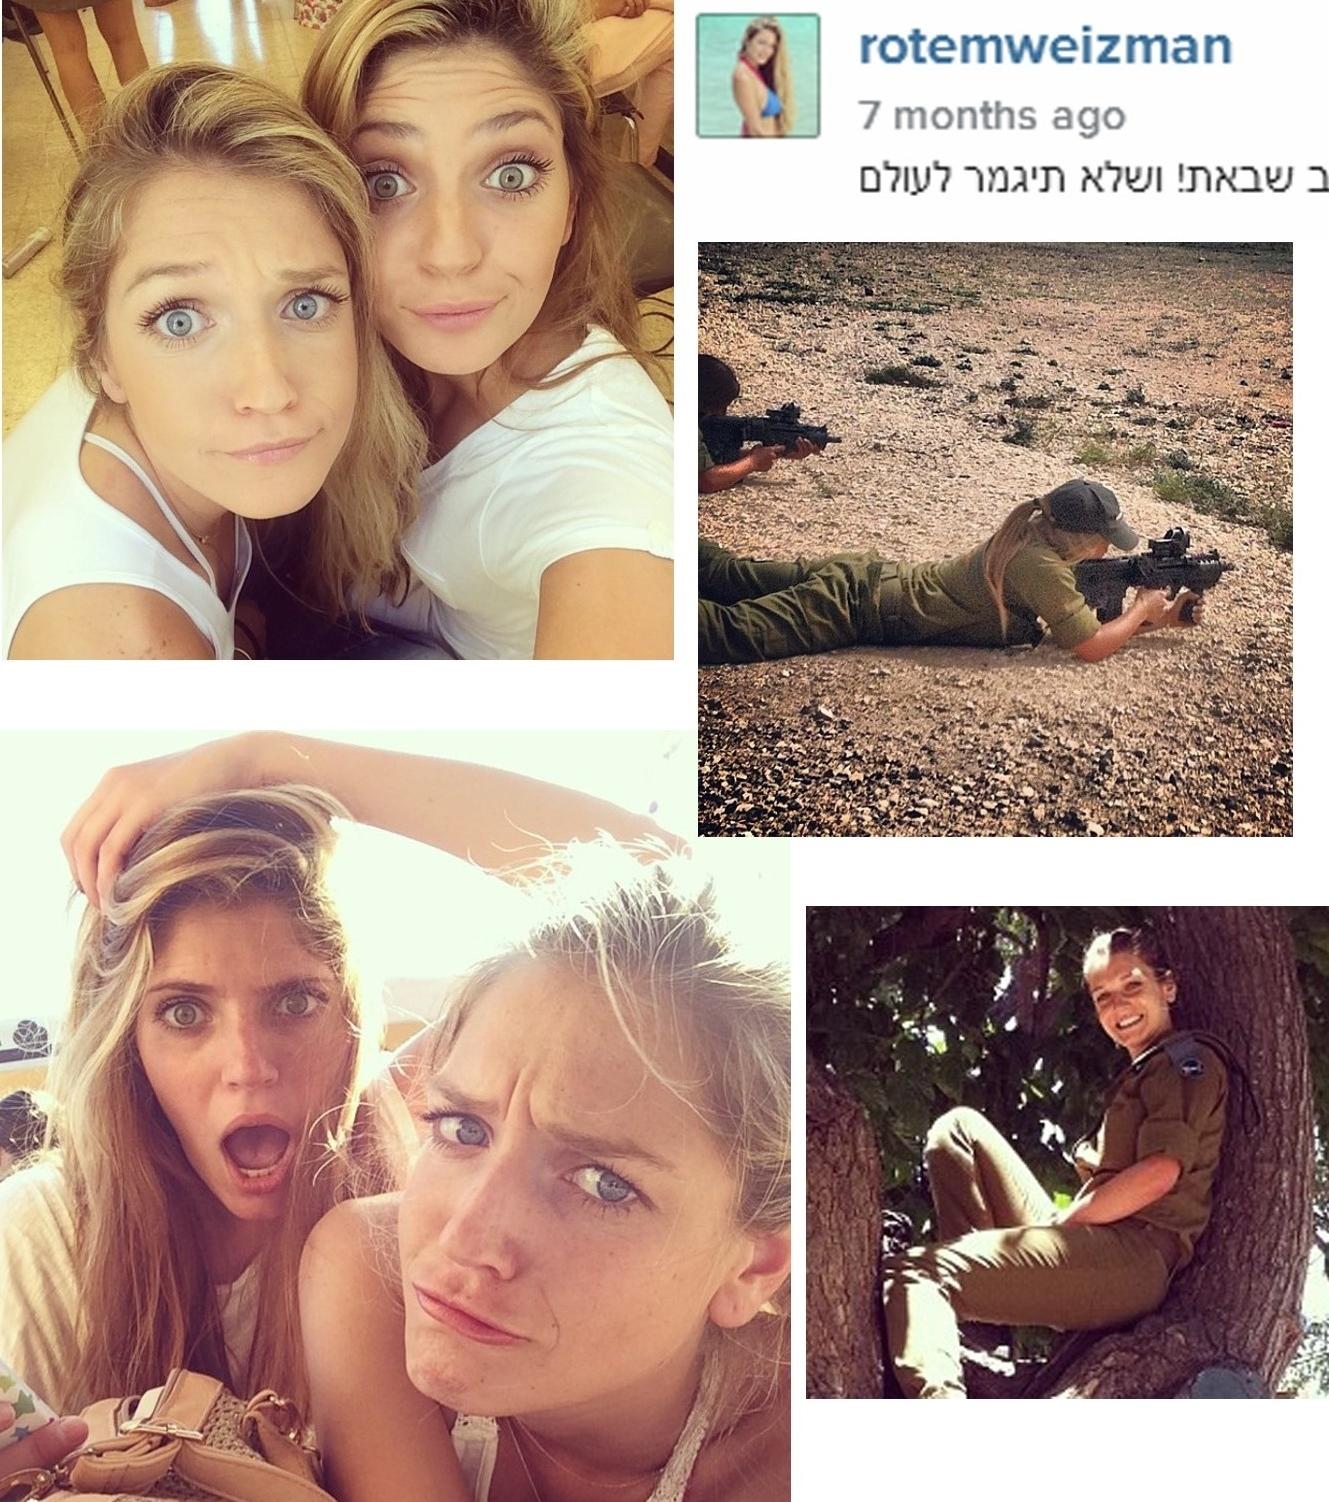 Israel soldier women